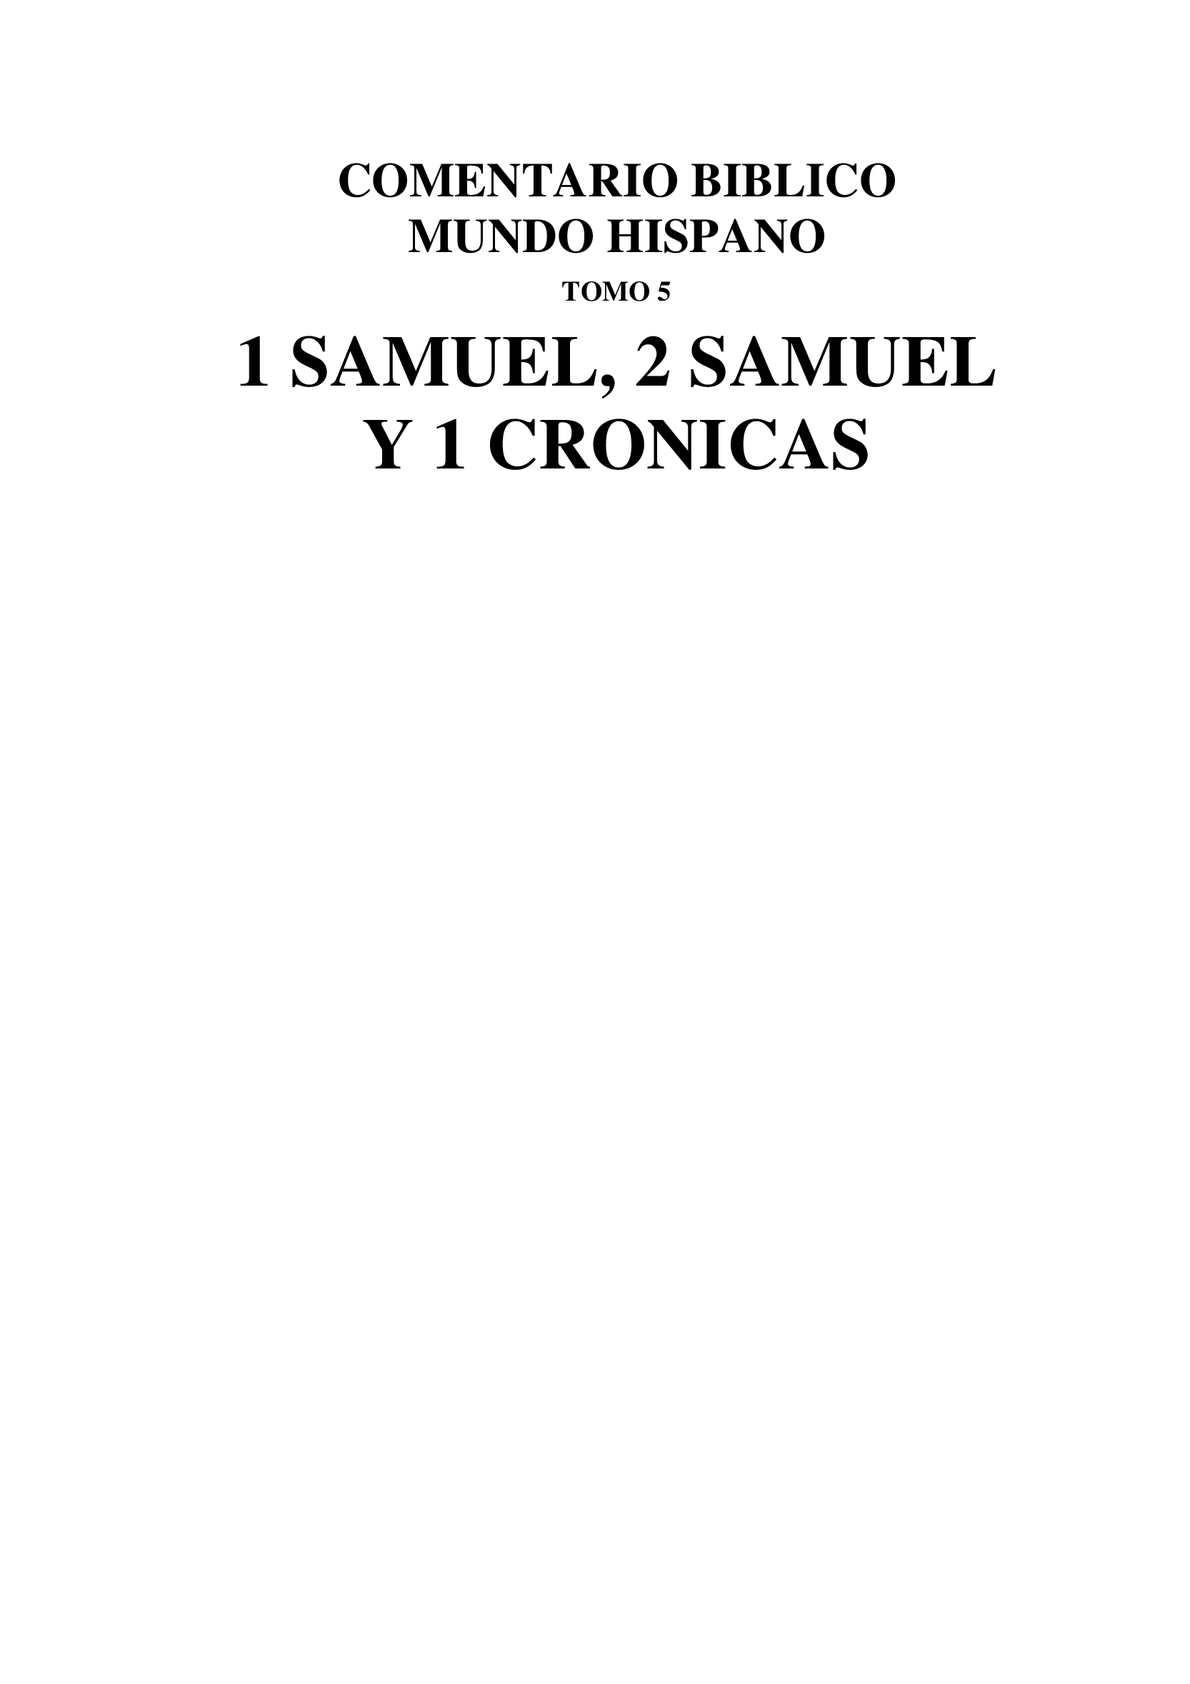 Calaméo I Samuel Ii Samuel Y I De Crónicas Cbmh Tomo 5